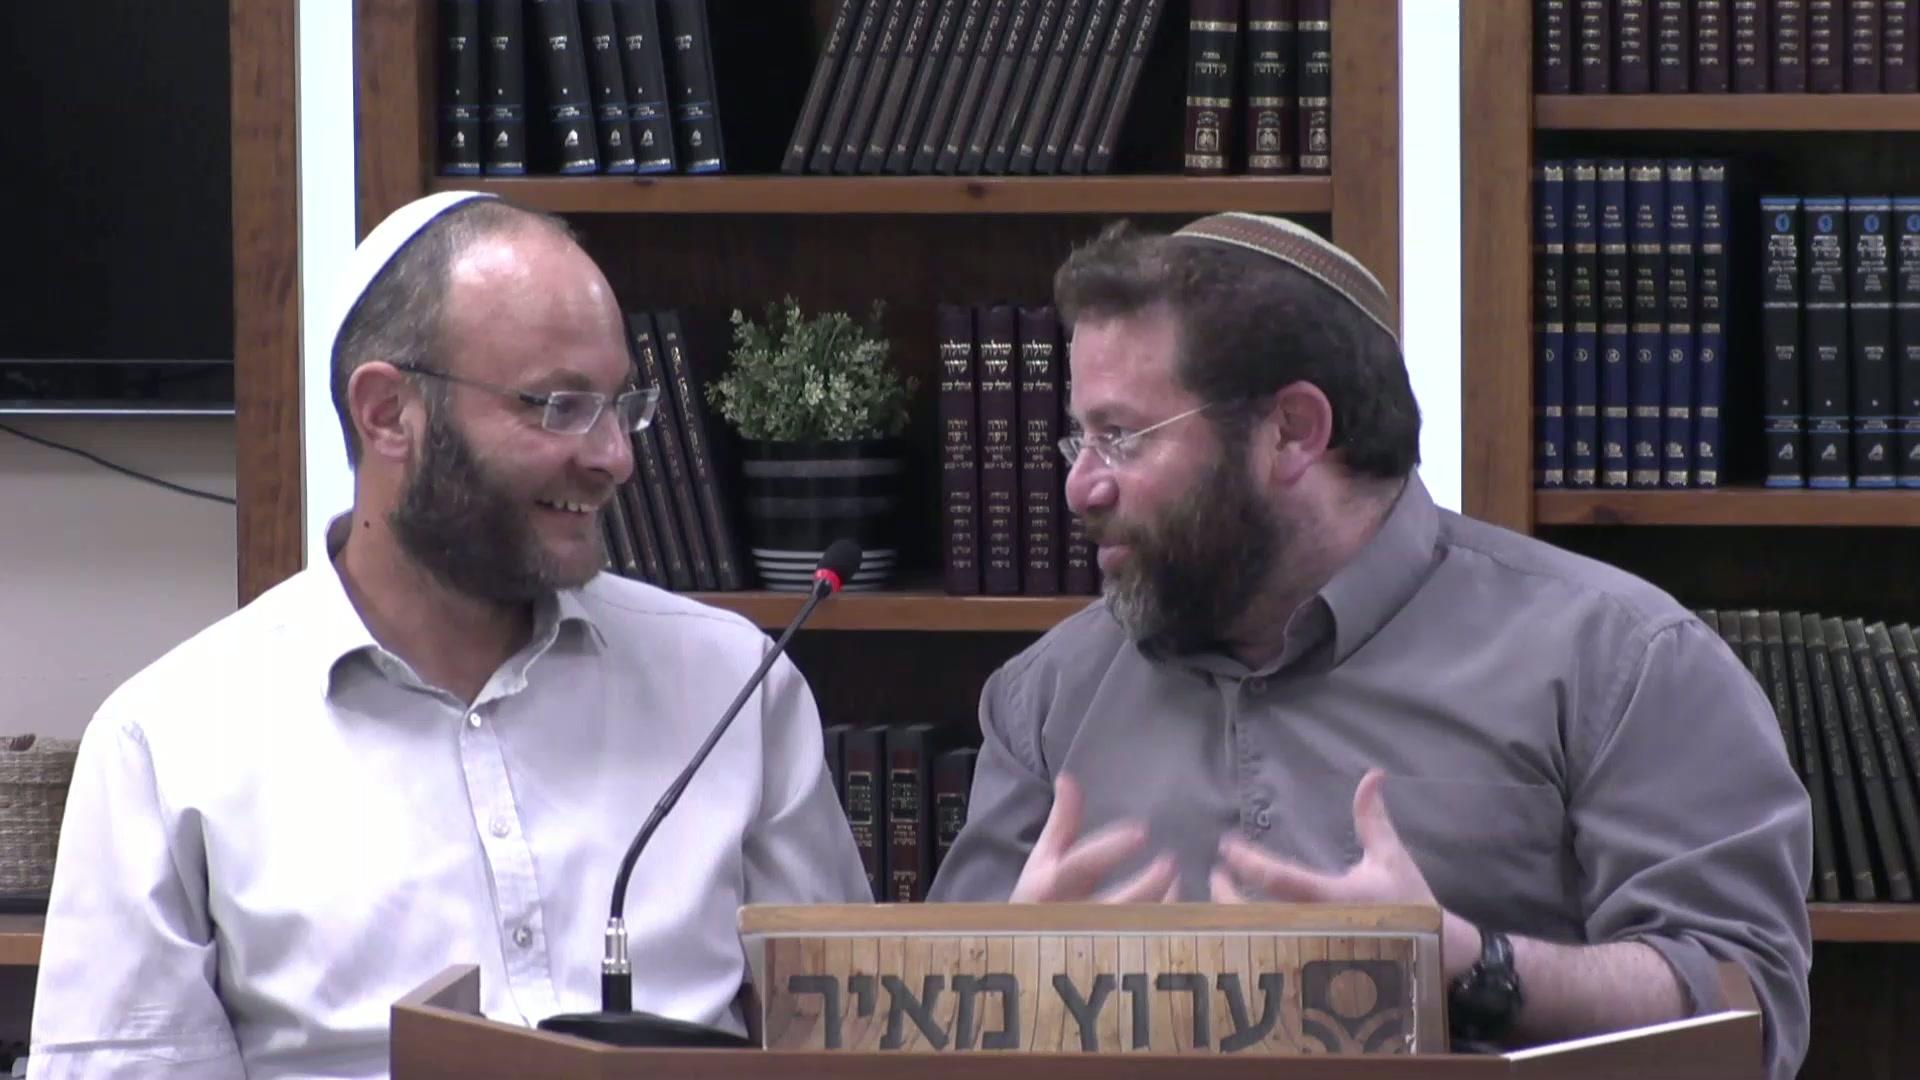 היחס למשחקי המונדיאל בעין יהודית